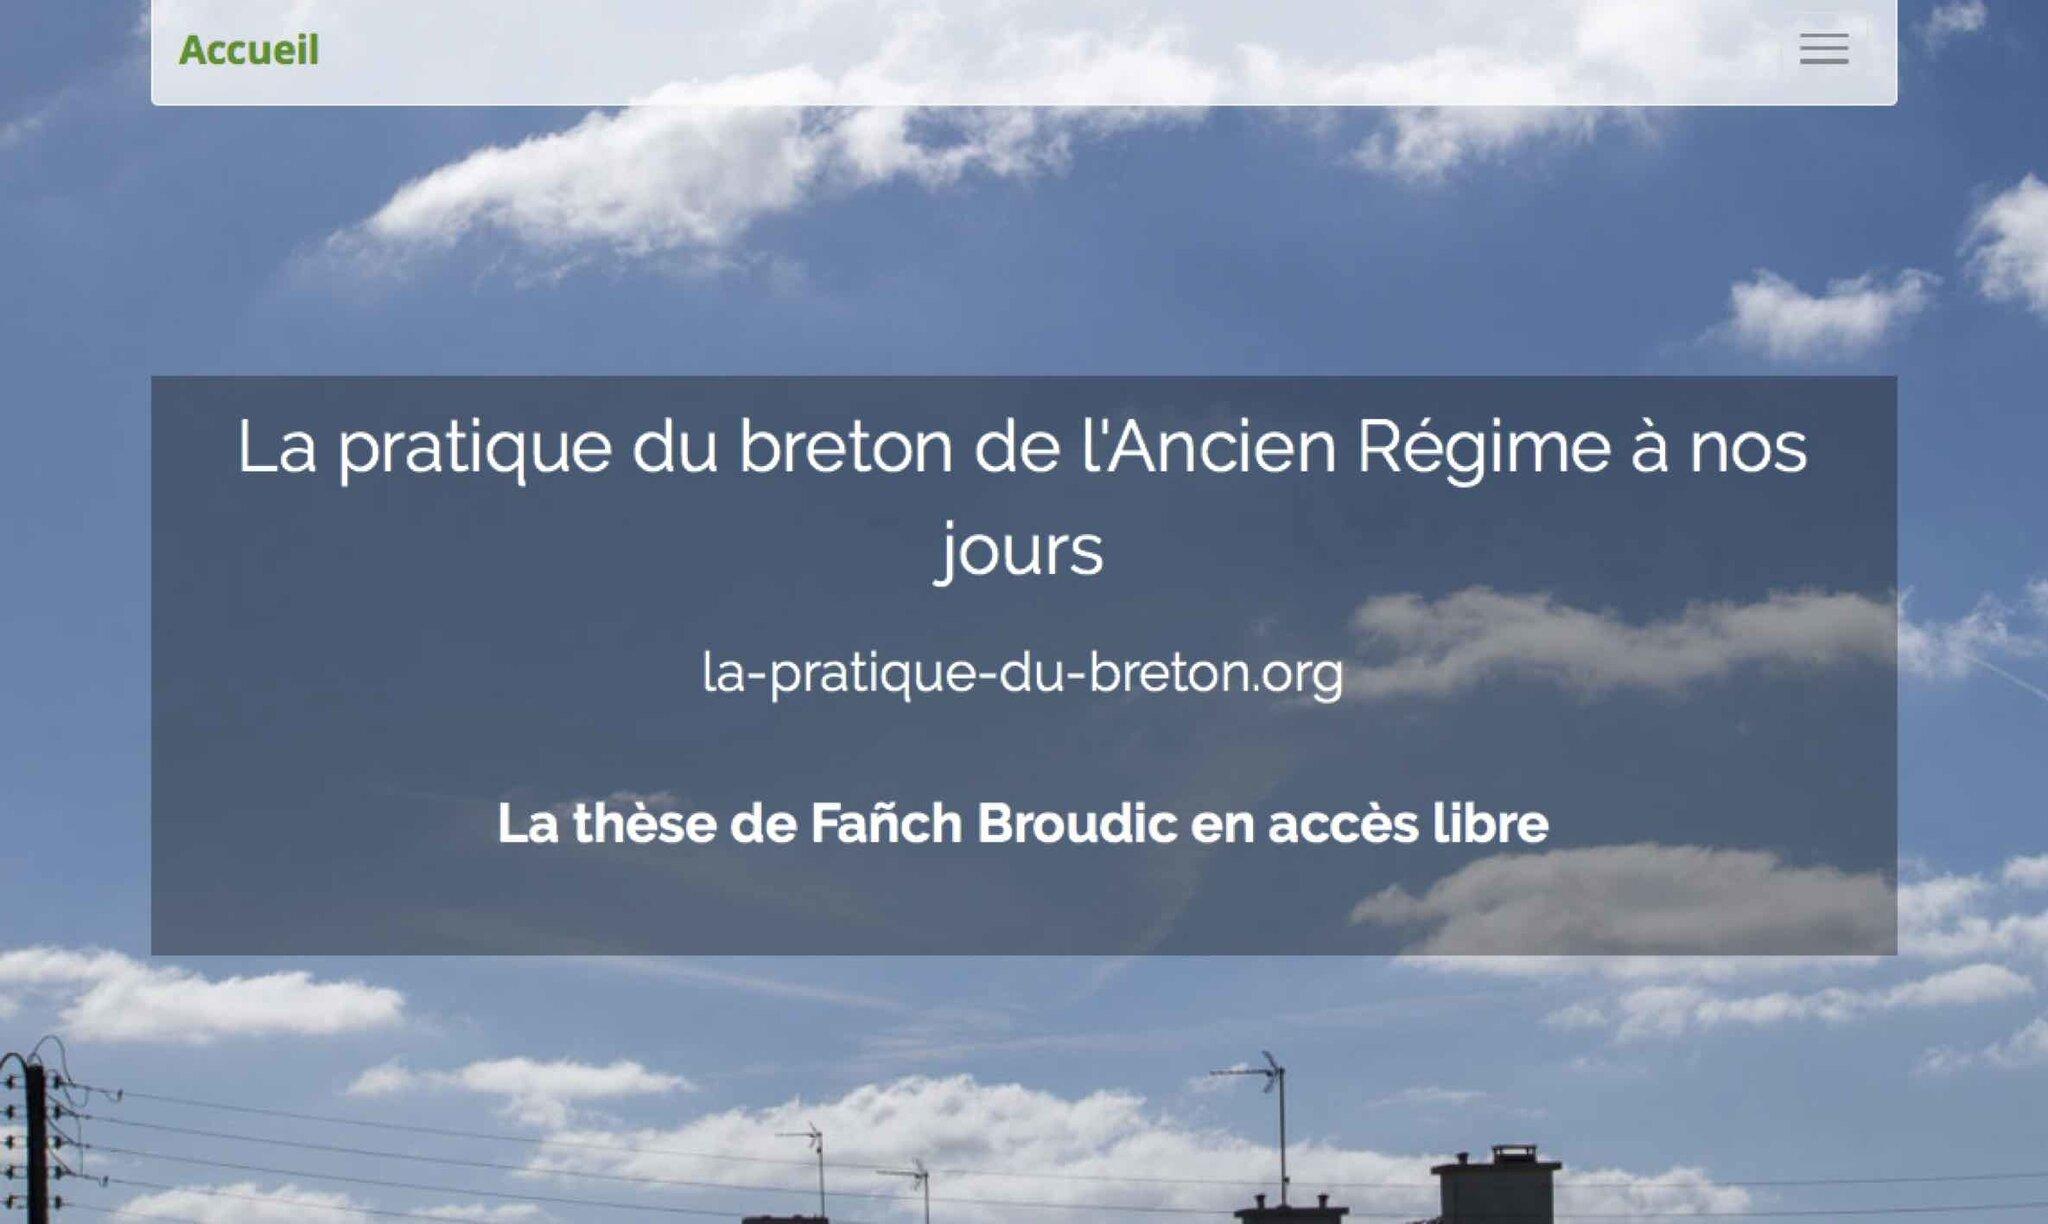 Un nouveau site internet sur la pratique sociale du breton